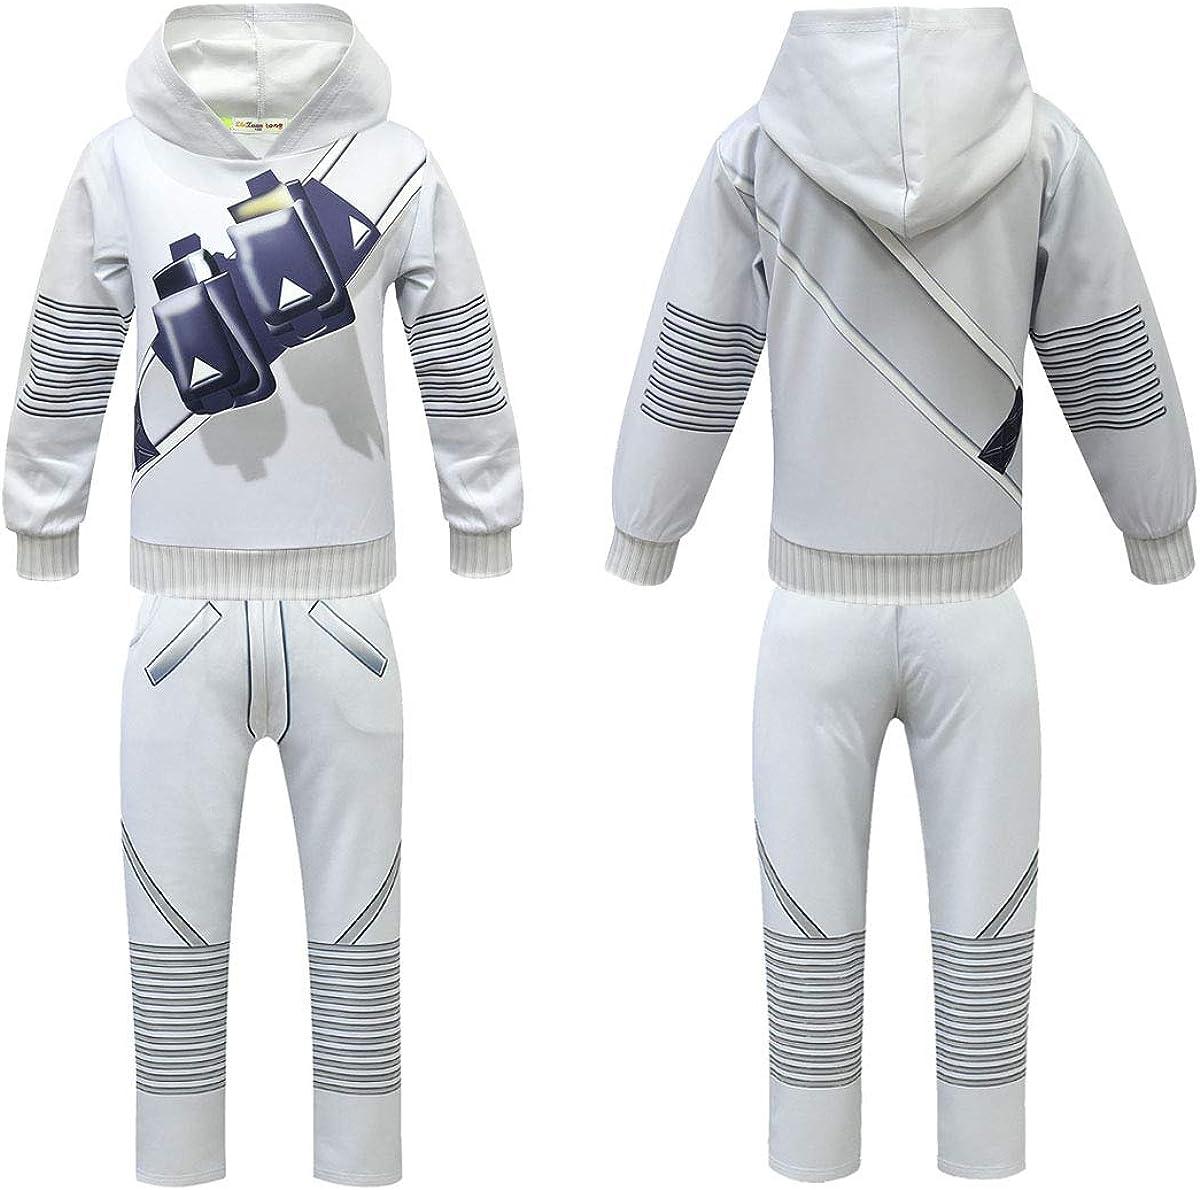 Sumeca Halloween DJ Cosplay Costume for Kids Hoodie Pant Sets